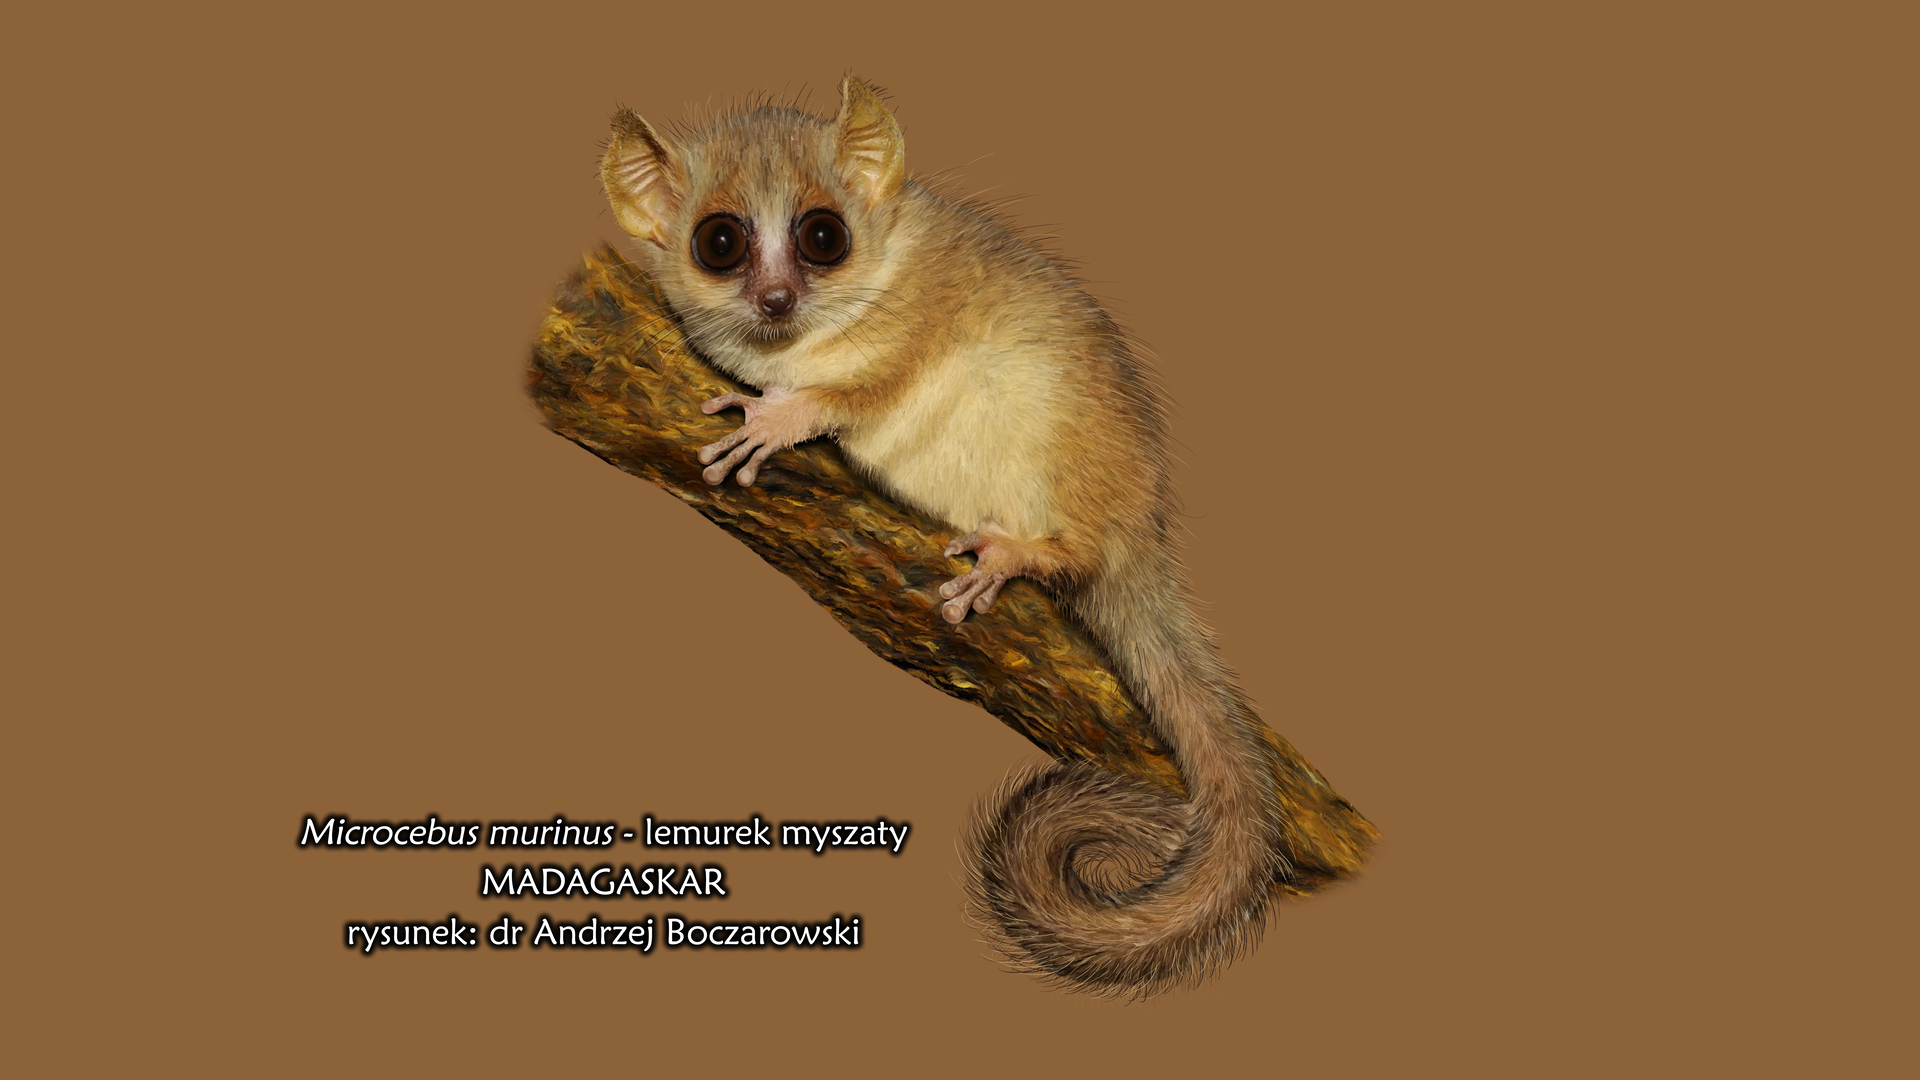 Fotografia lemurka myszatego siedzącego na pniu. Lemurek ma duże oczy, długi ogon ijasnobrązowe umaszczenie.